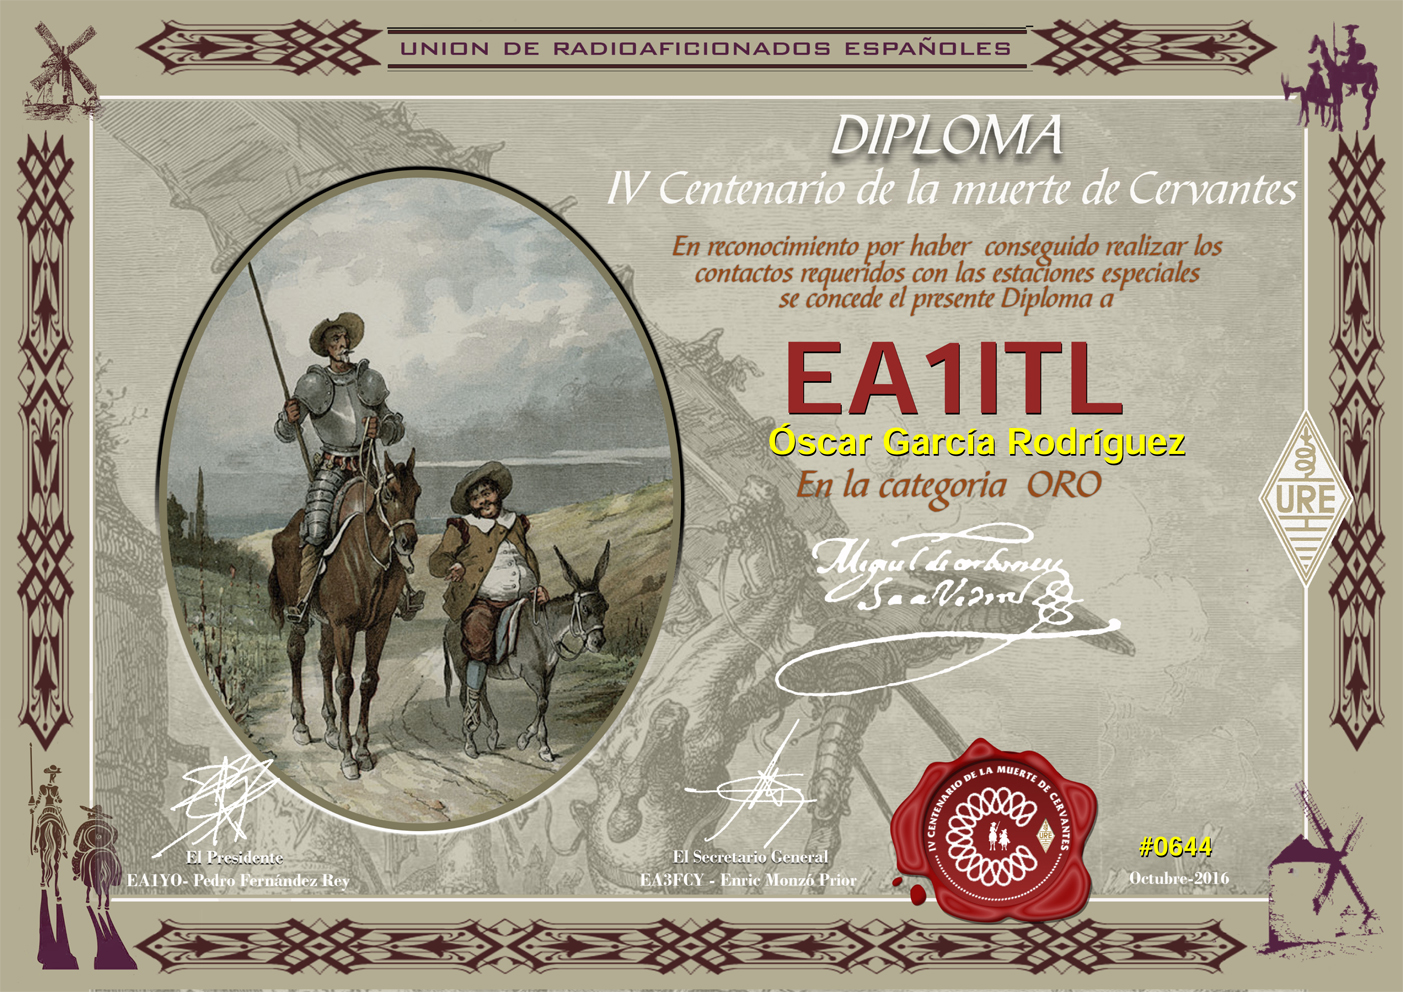 IV Centenario de la muerte de Miguel de Cervantes. Diploma de Oro 2016